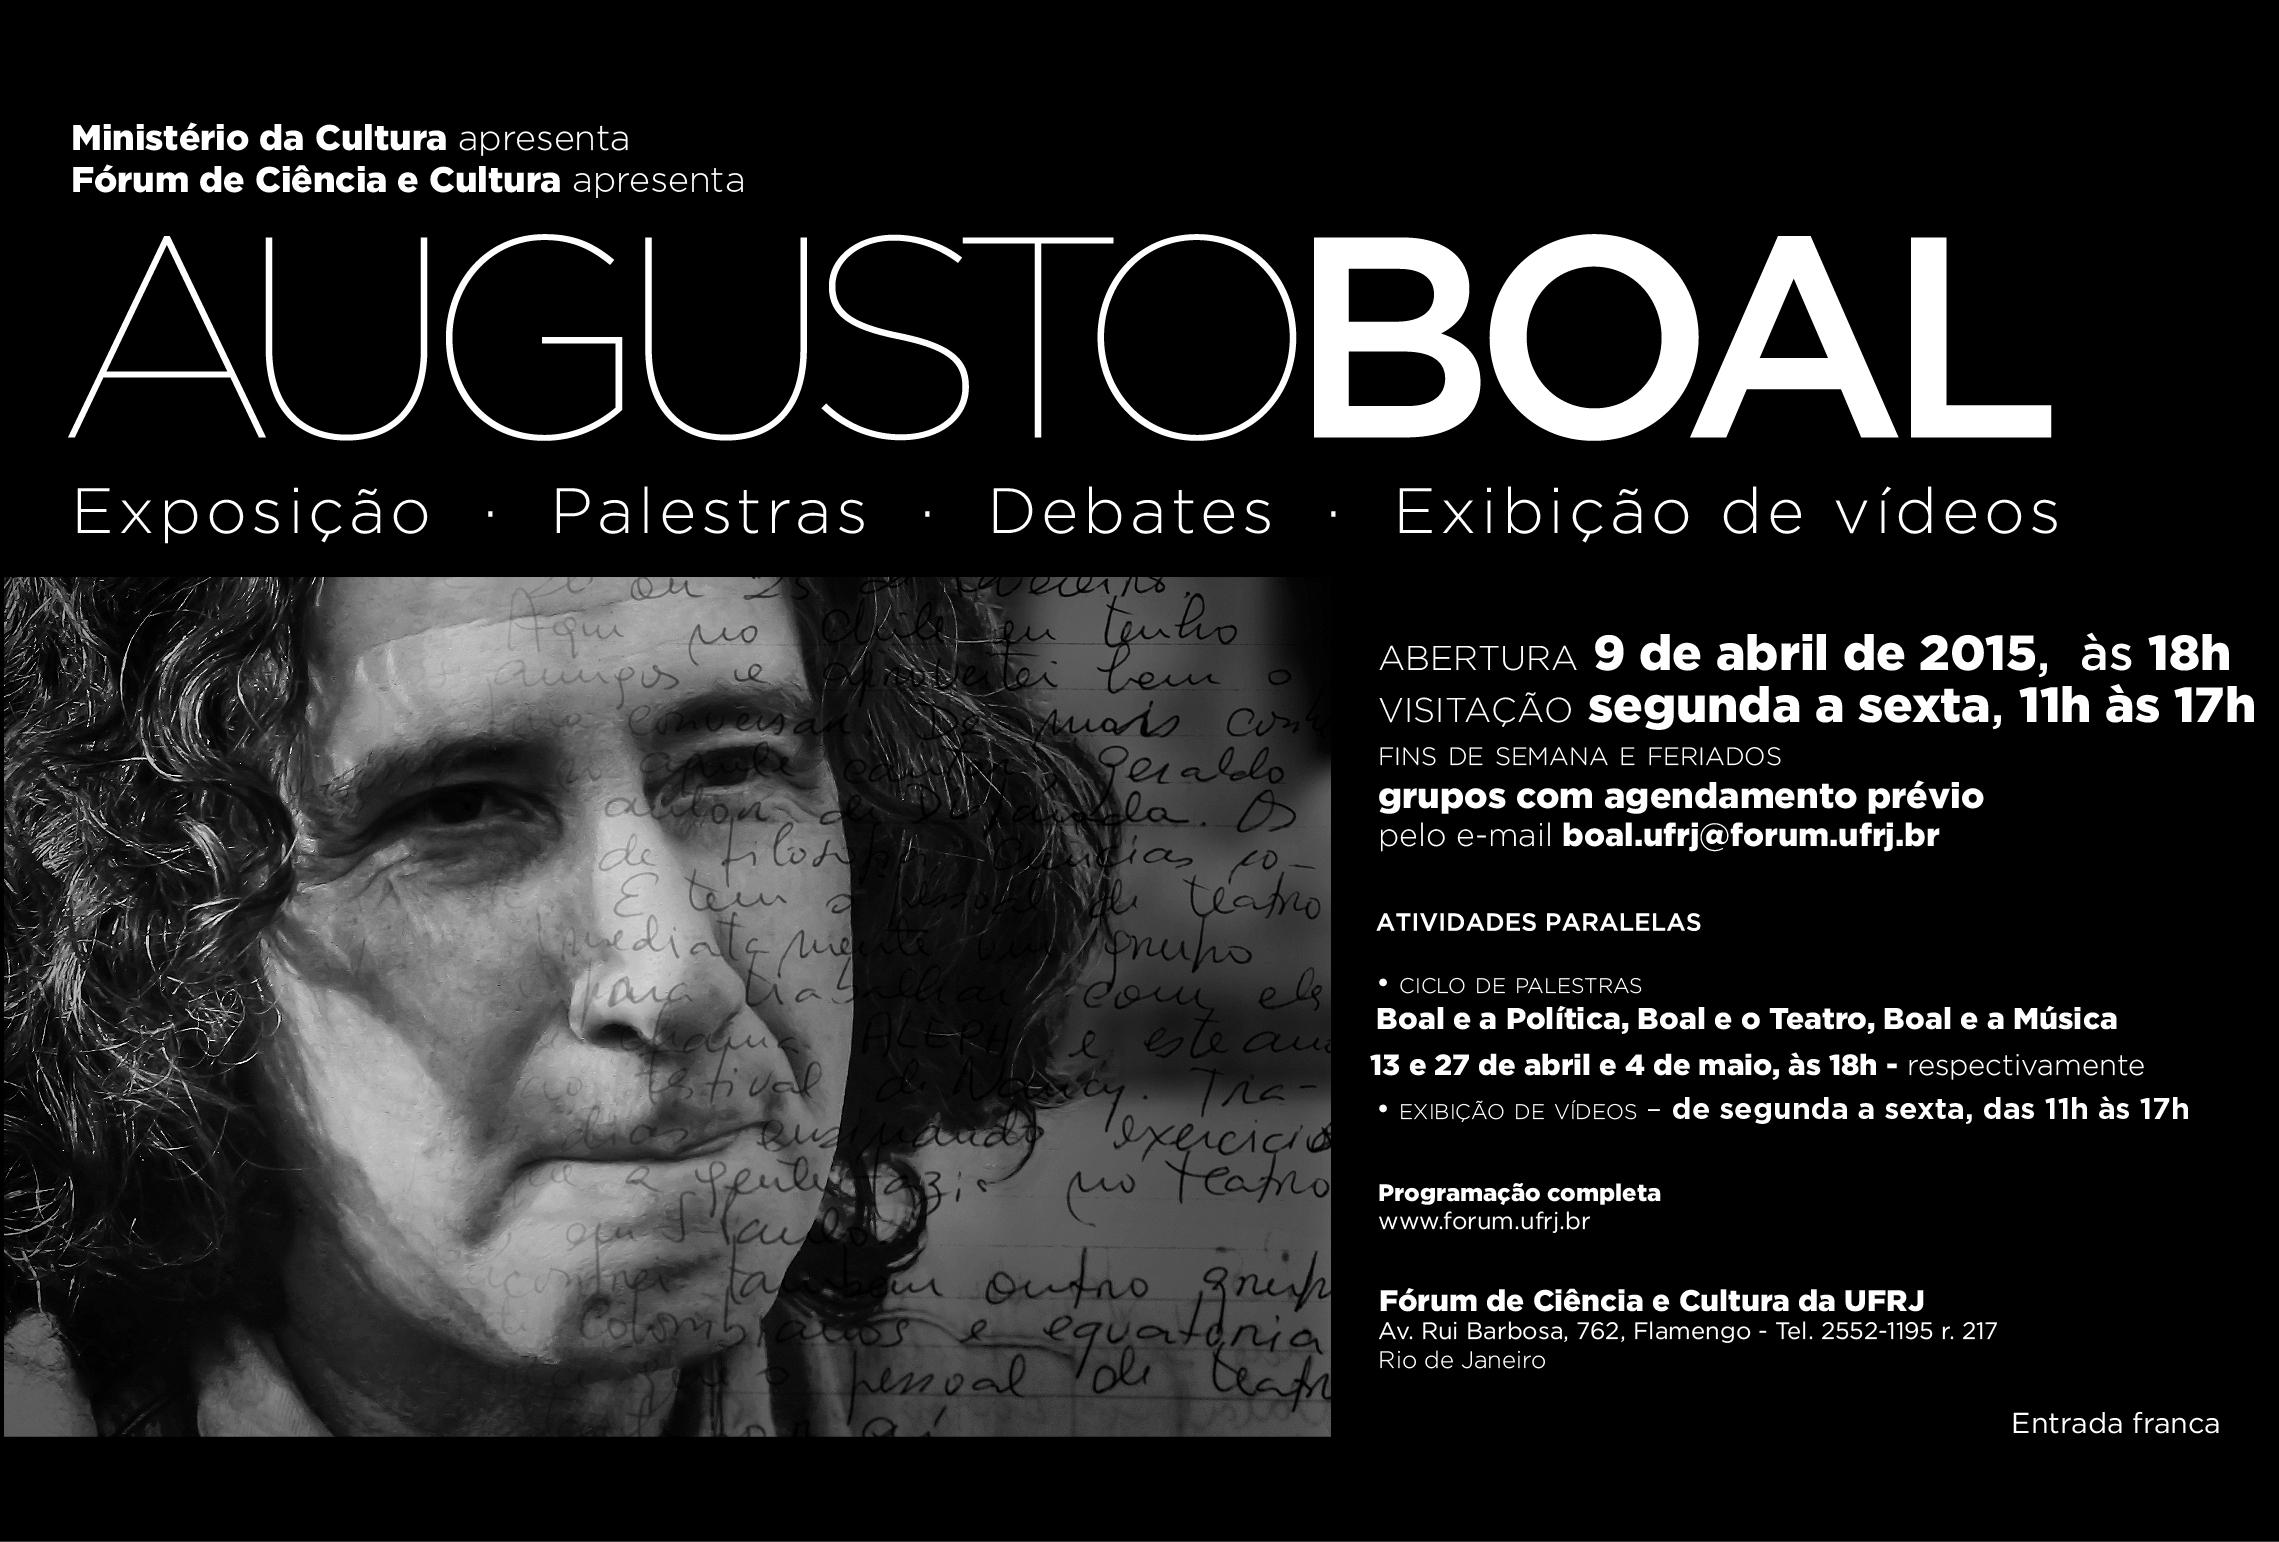 Volta a ser apresentada a Exposição Augusto Boal